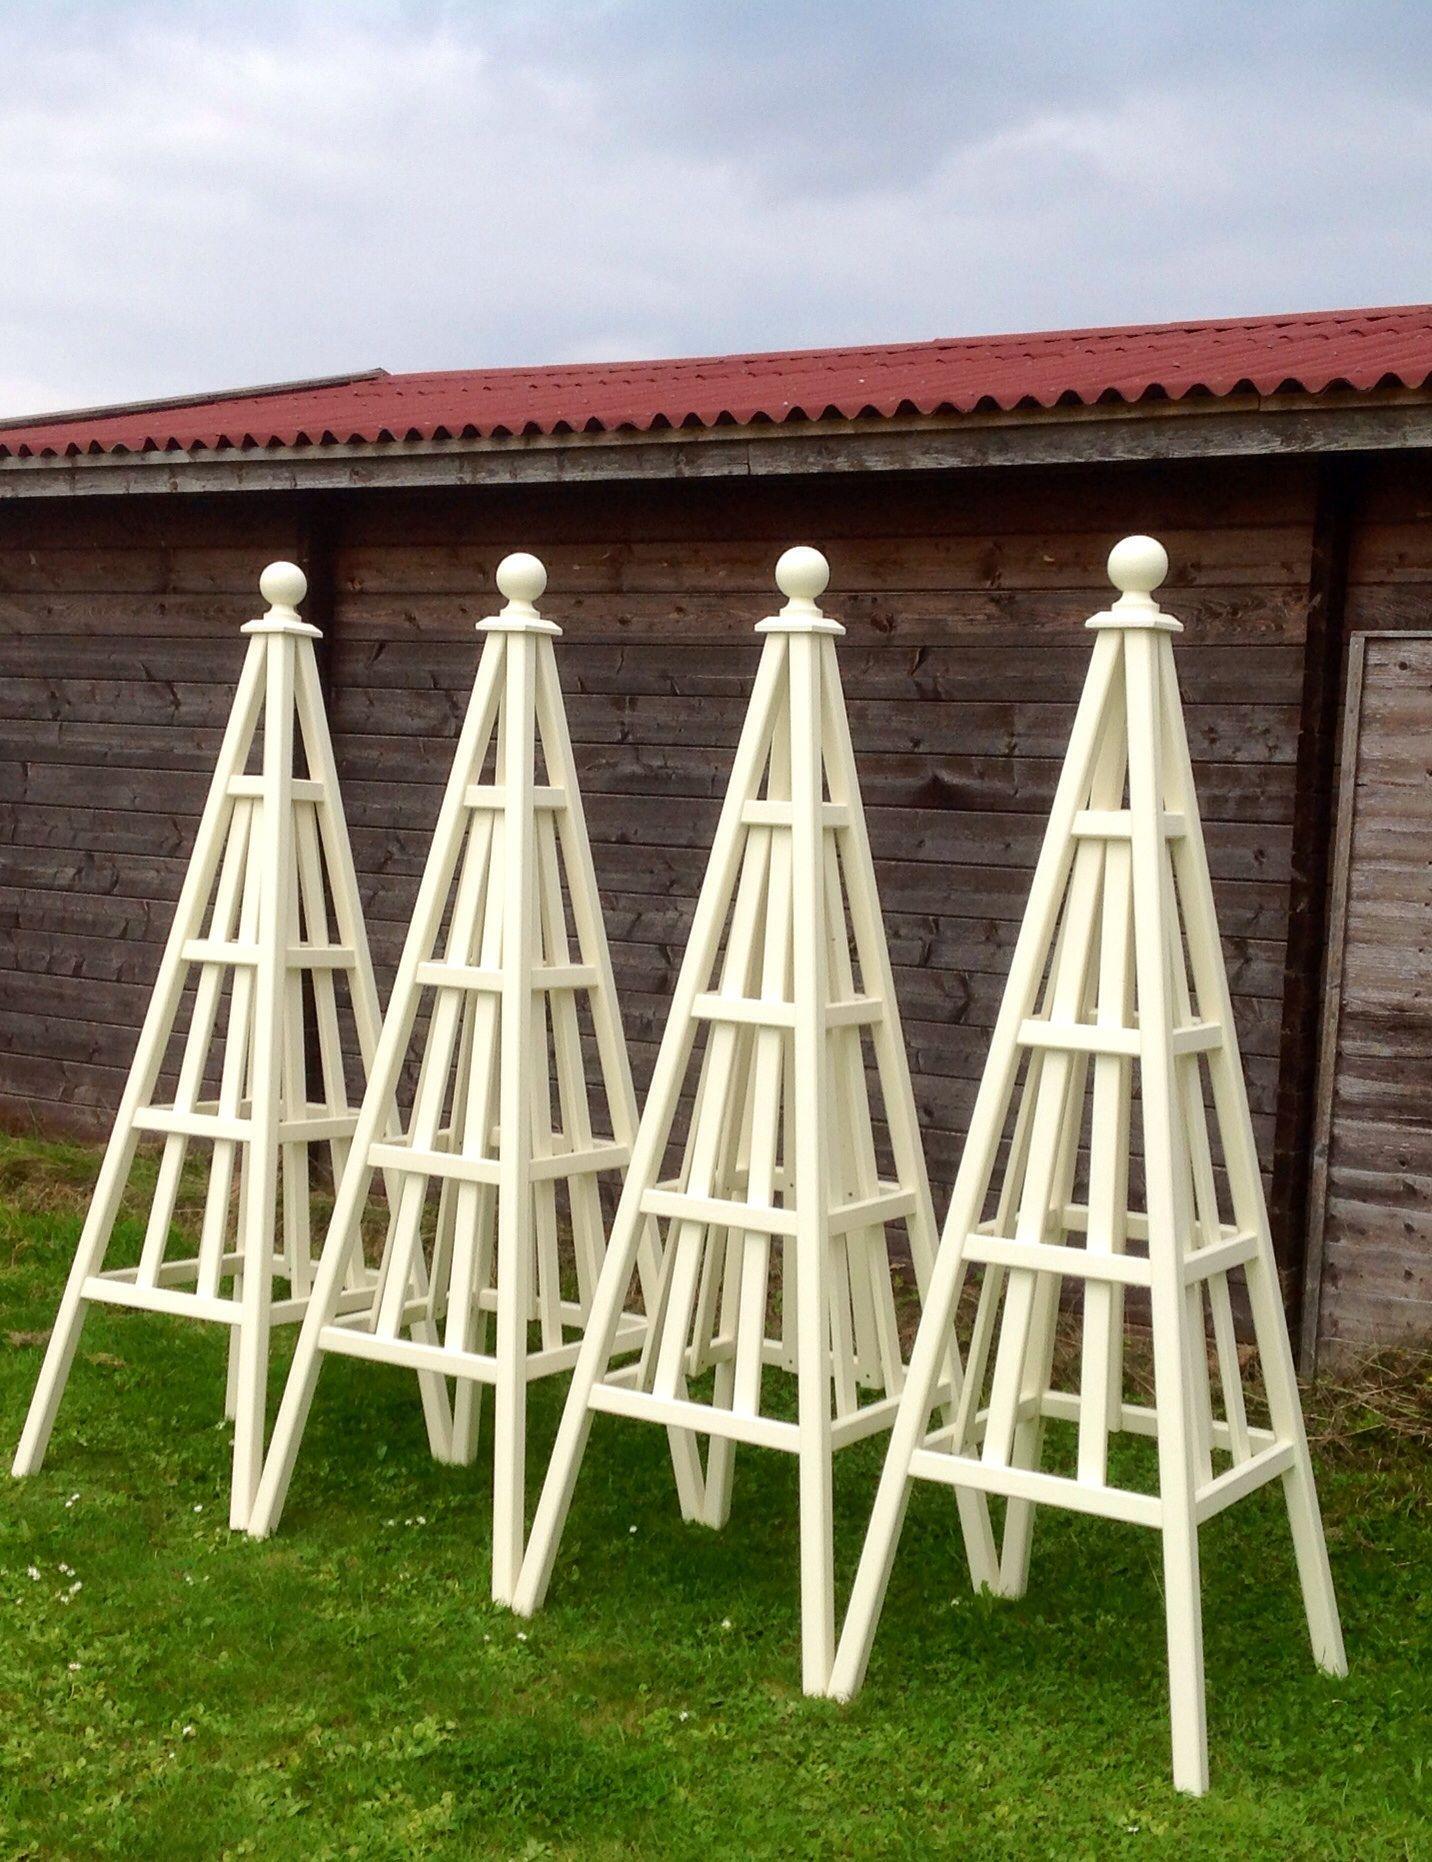 4 sweet pea design wooden garden obelisks painted 'New